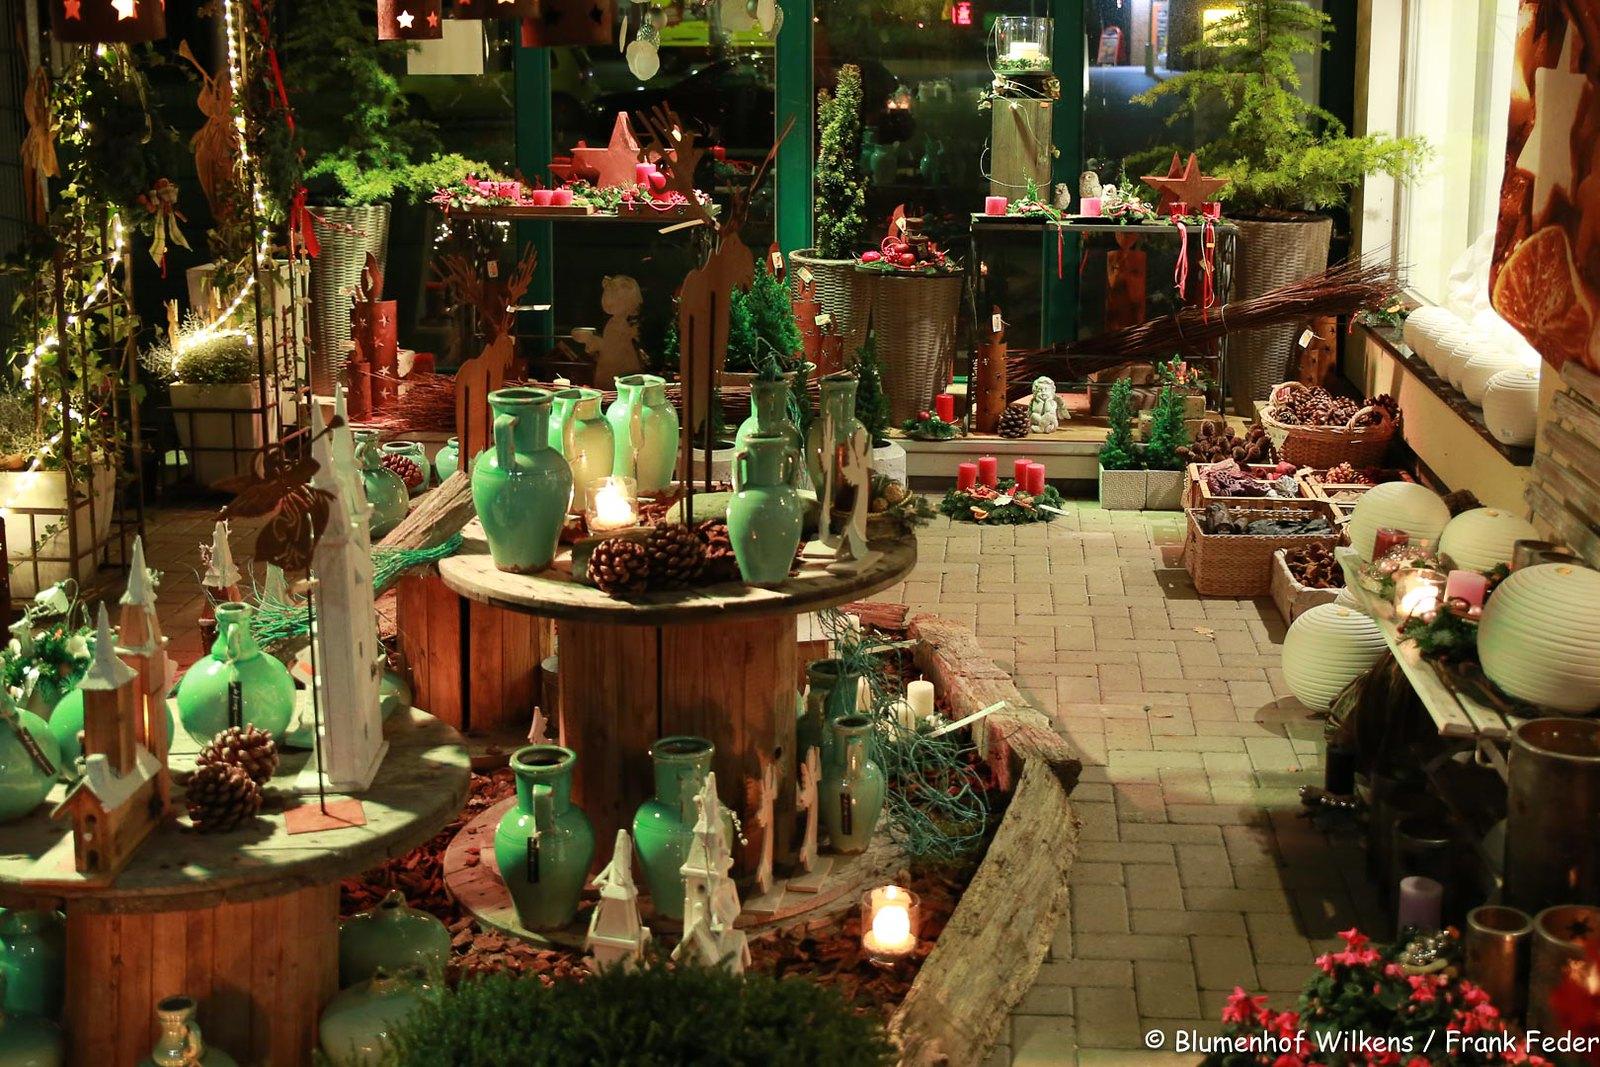 Weihnachten Blumenhof Wilkens 2017 11 17 0036